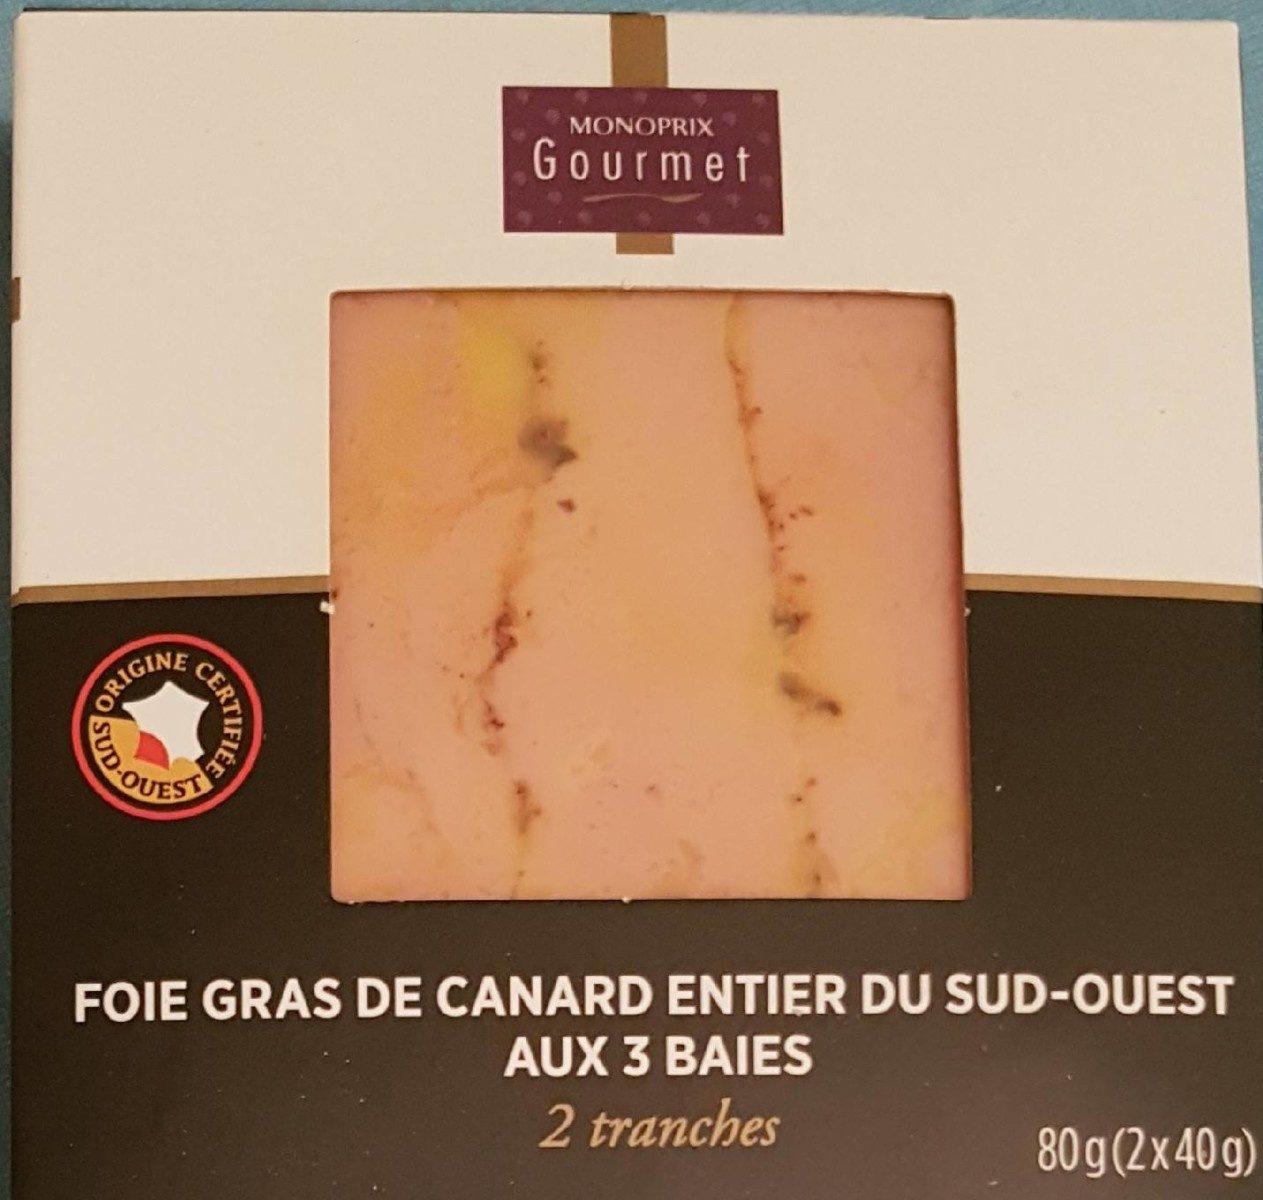 Foie gras de canard entier aux 3 baies - Product - fr